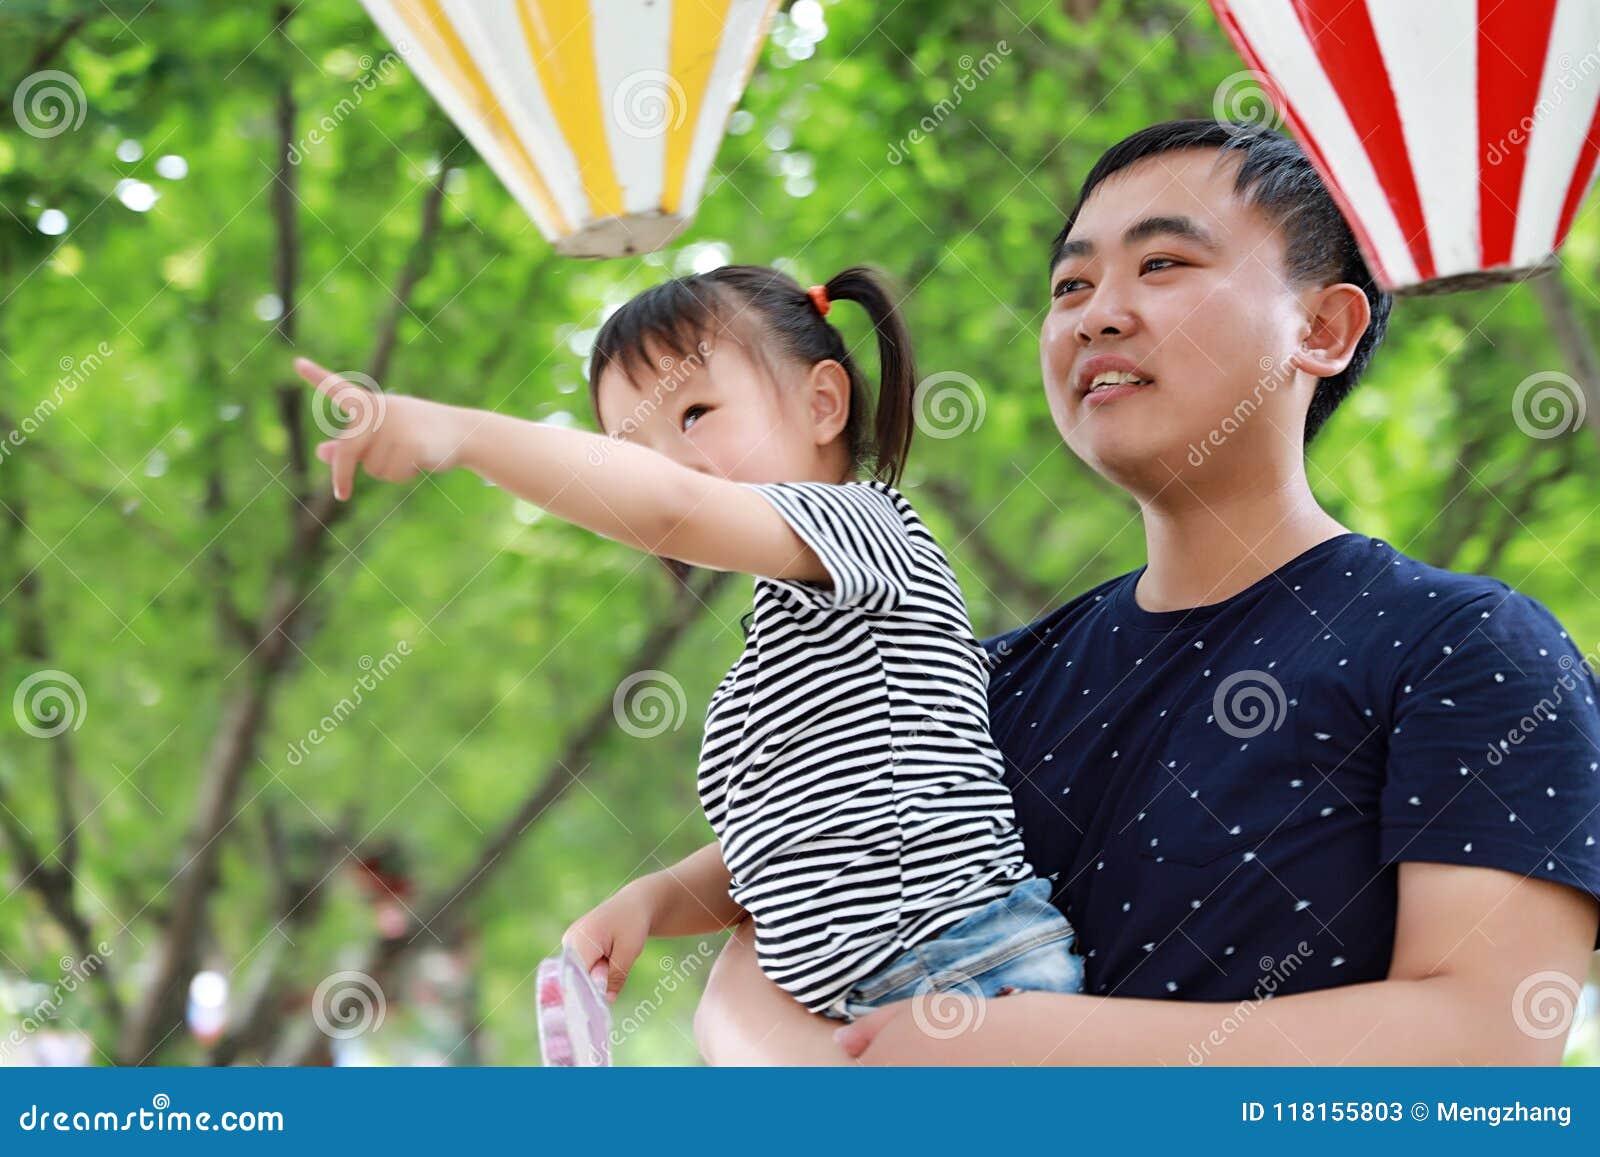 亚洲父亲容忍拥抱女儿爸爸爱女孩儿童游戏获得乐趣在公园室外夏日家庭活动愉快的童年